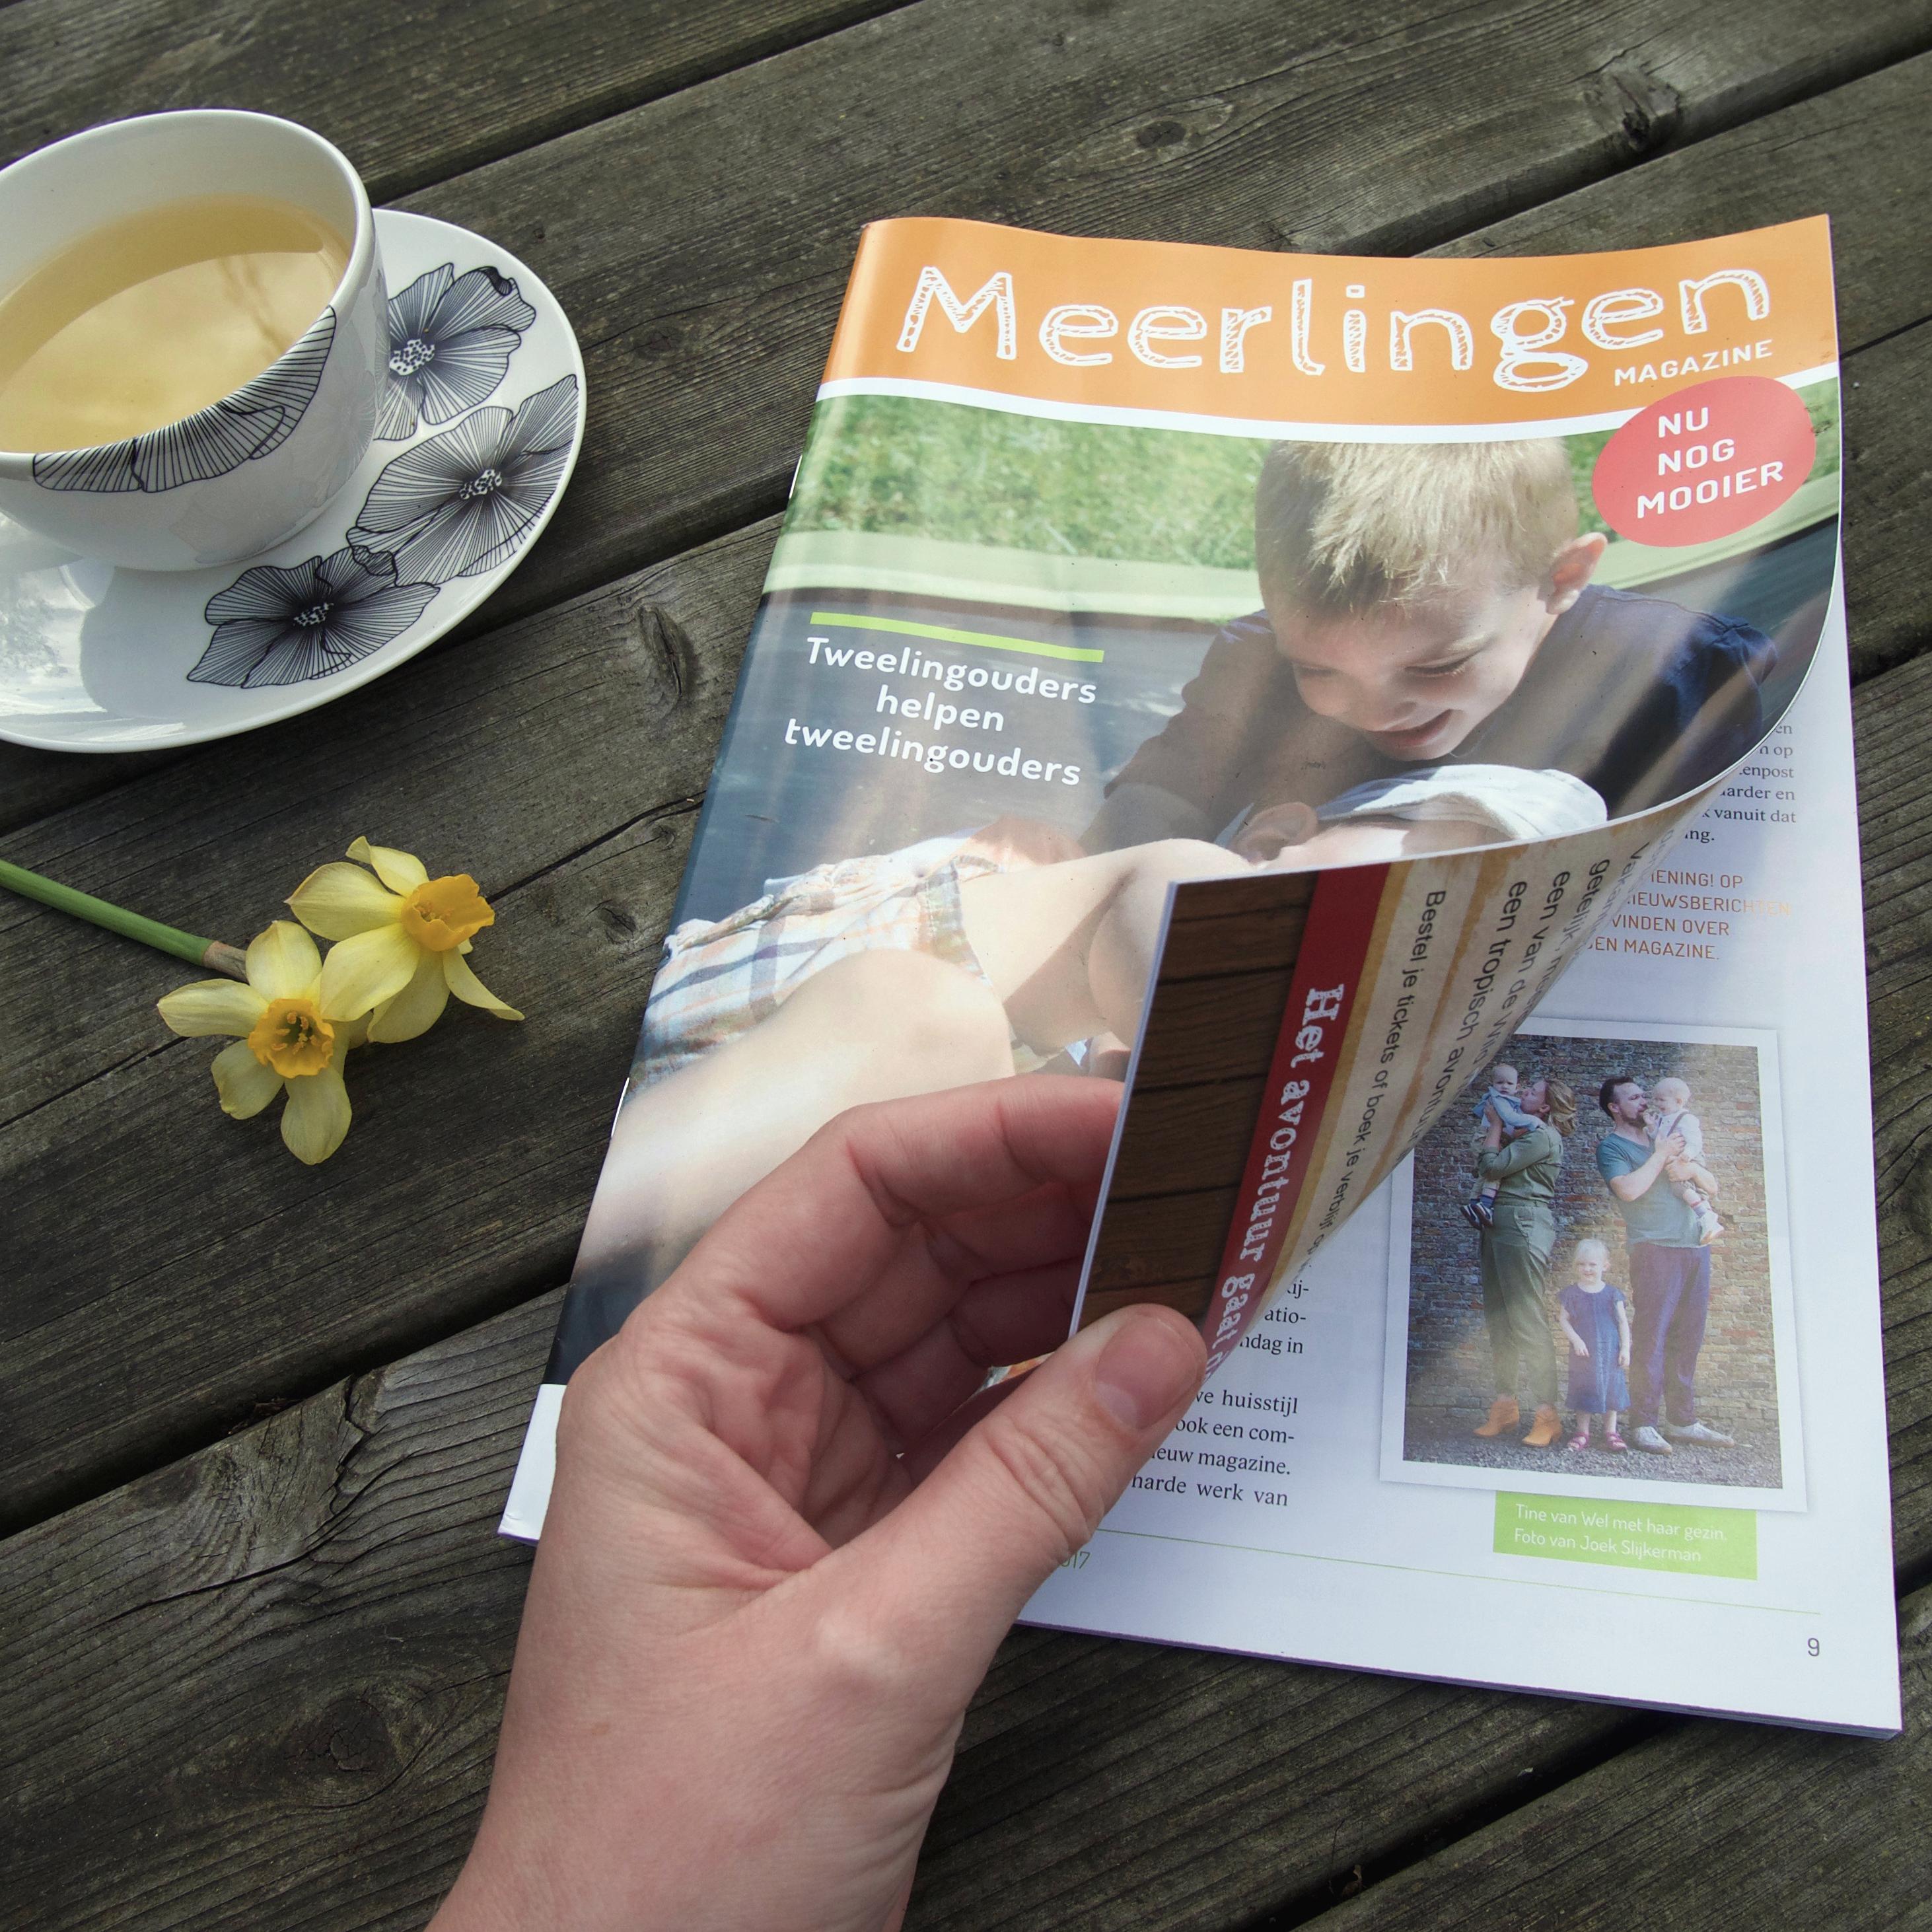 NVOM meerlingenmagazine gedrukt!